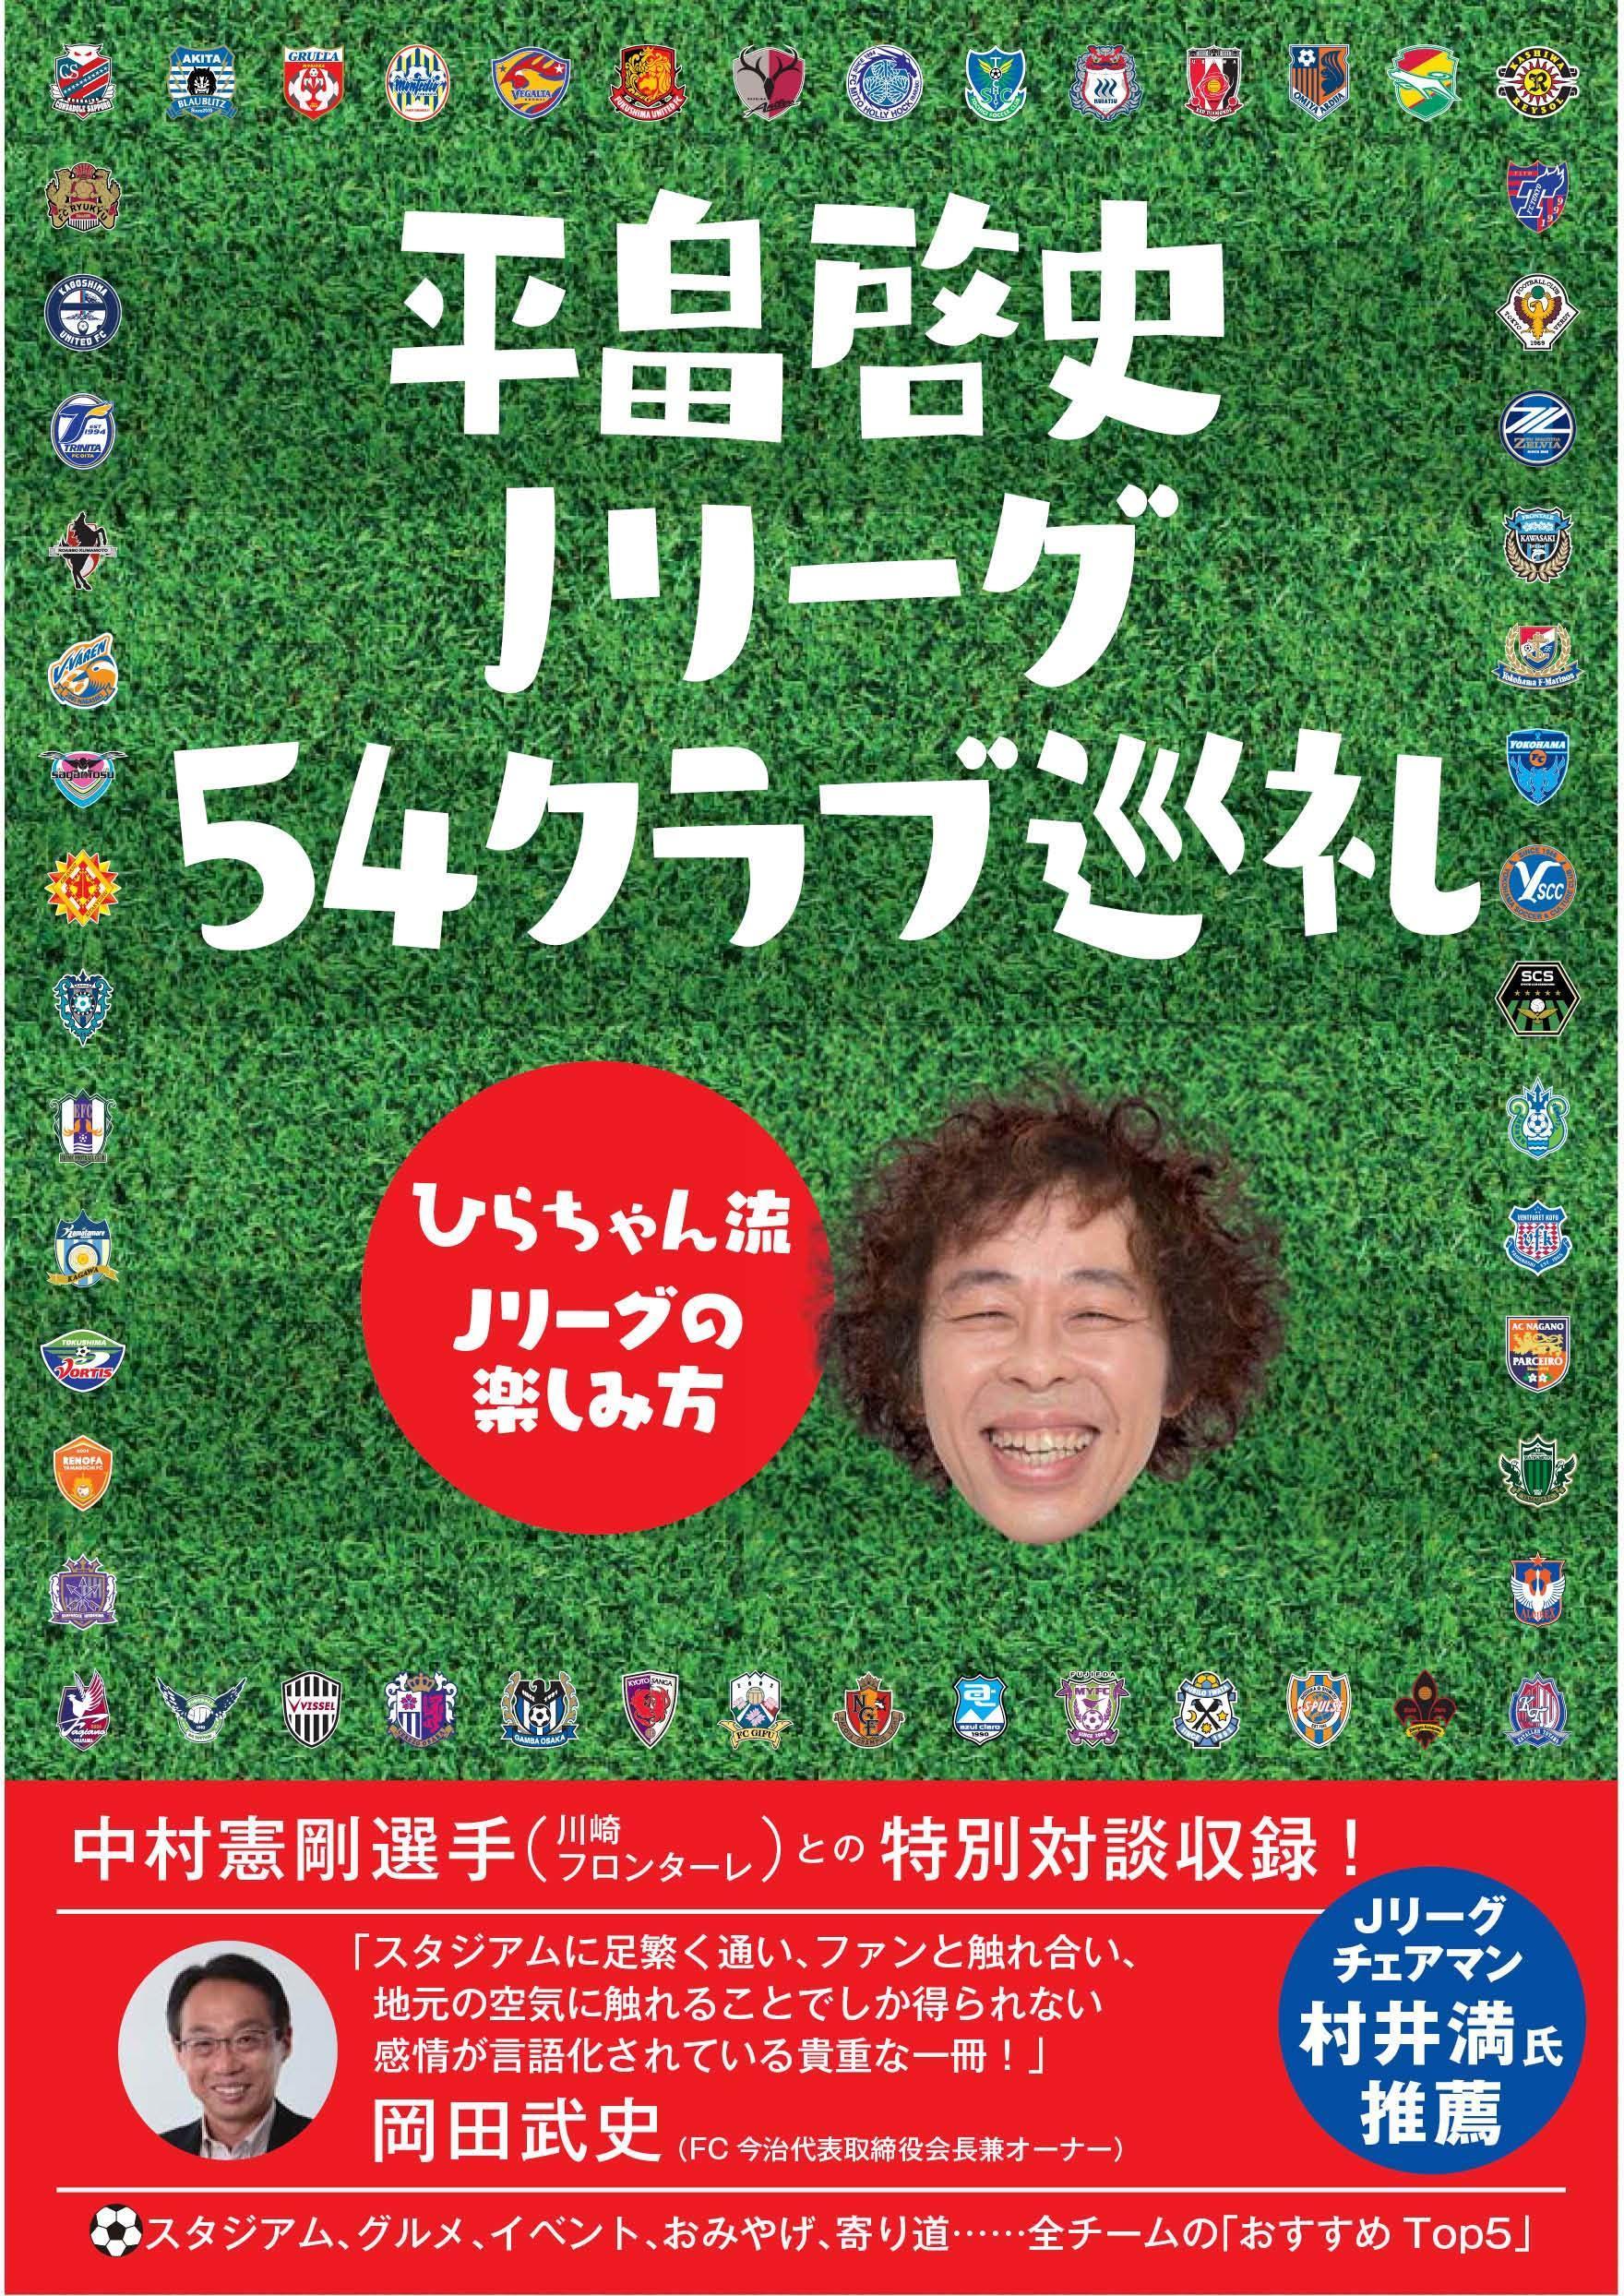 http://news.yoshimoto.co.jp/20180911102408-400d36c5951b50d79bc1bbda112eabb1bc29a5d7.jpg